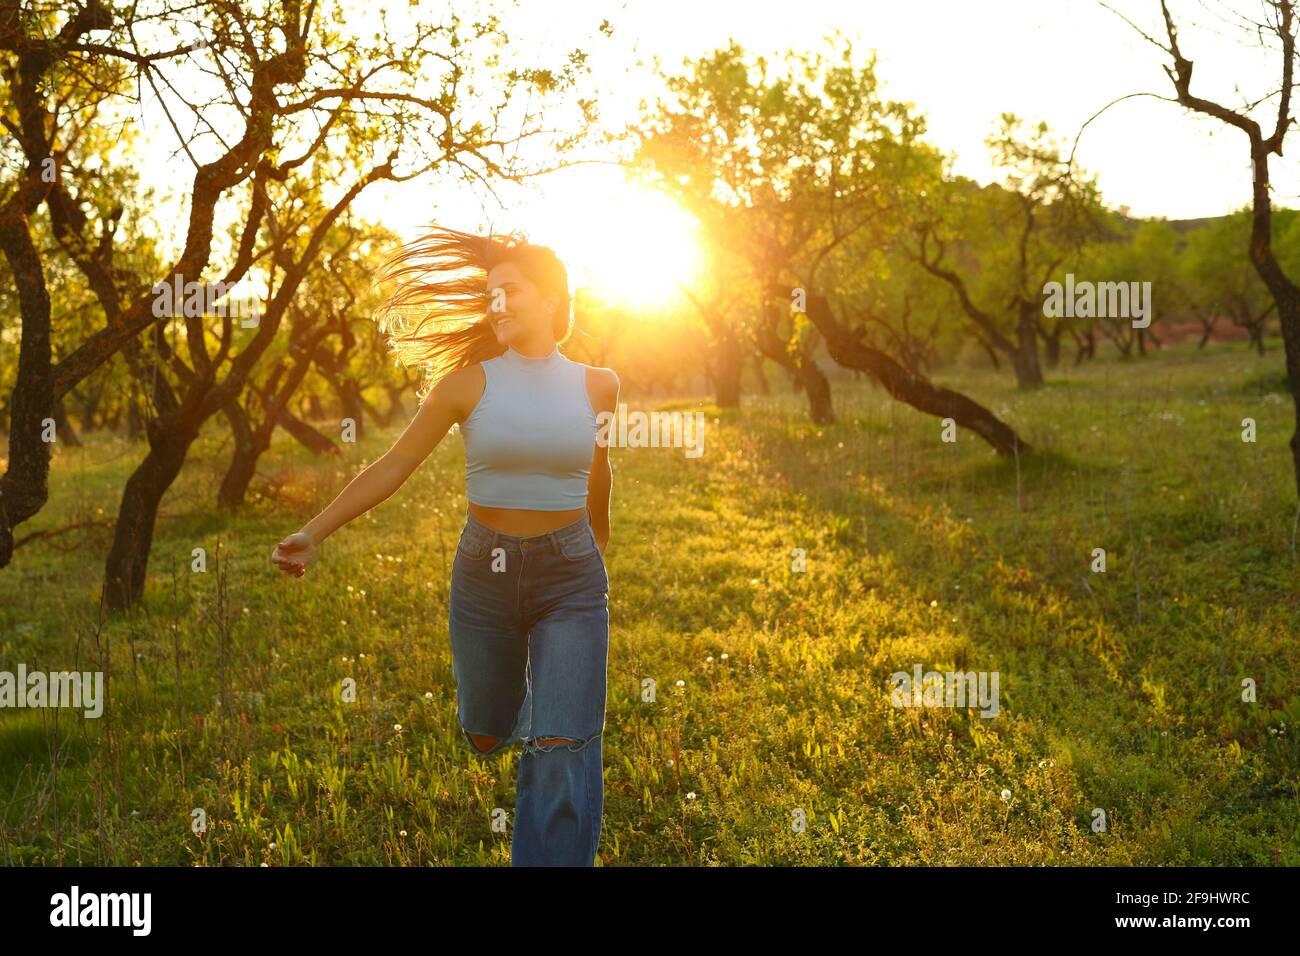 Vue avant d'une femme heureuse qui court vers l'appareil photo à coucher de soleil dans un champ Banque D'Images